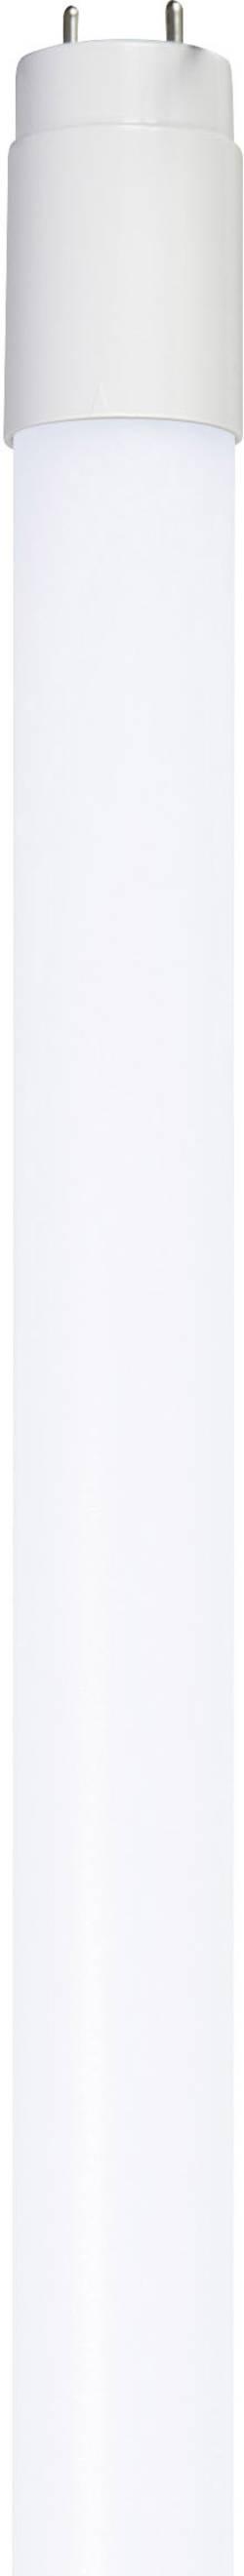 LED Sygonix 230 V, G13, 10 W, 600 mm, studená bílá, A+, 1 ks